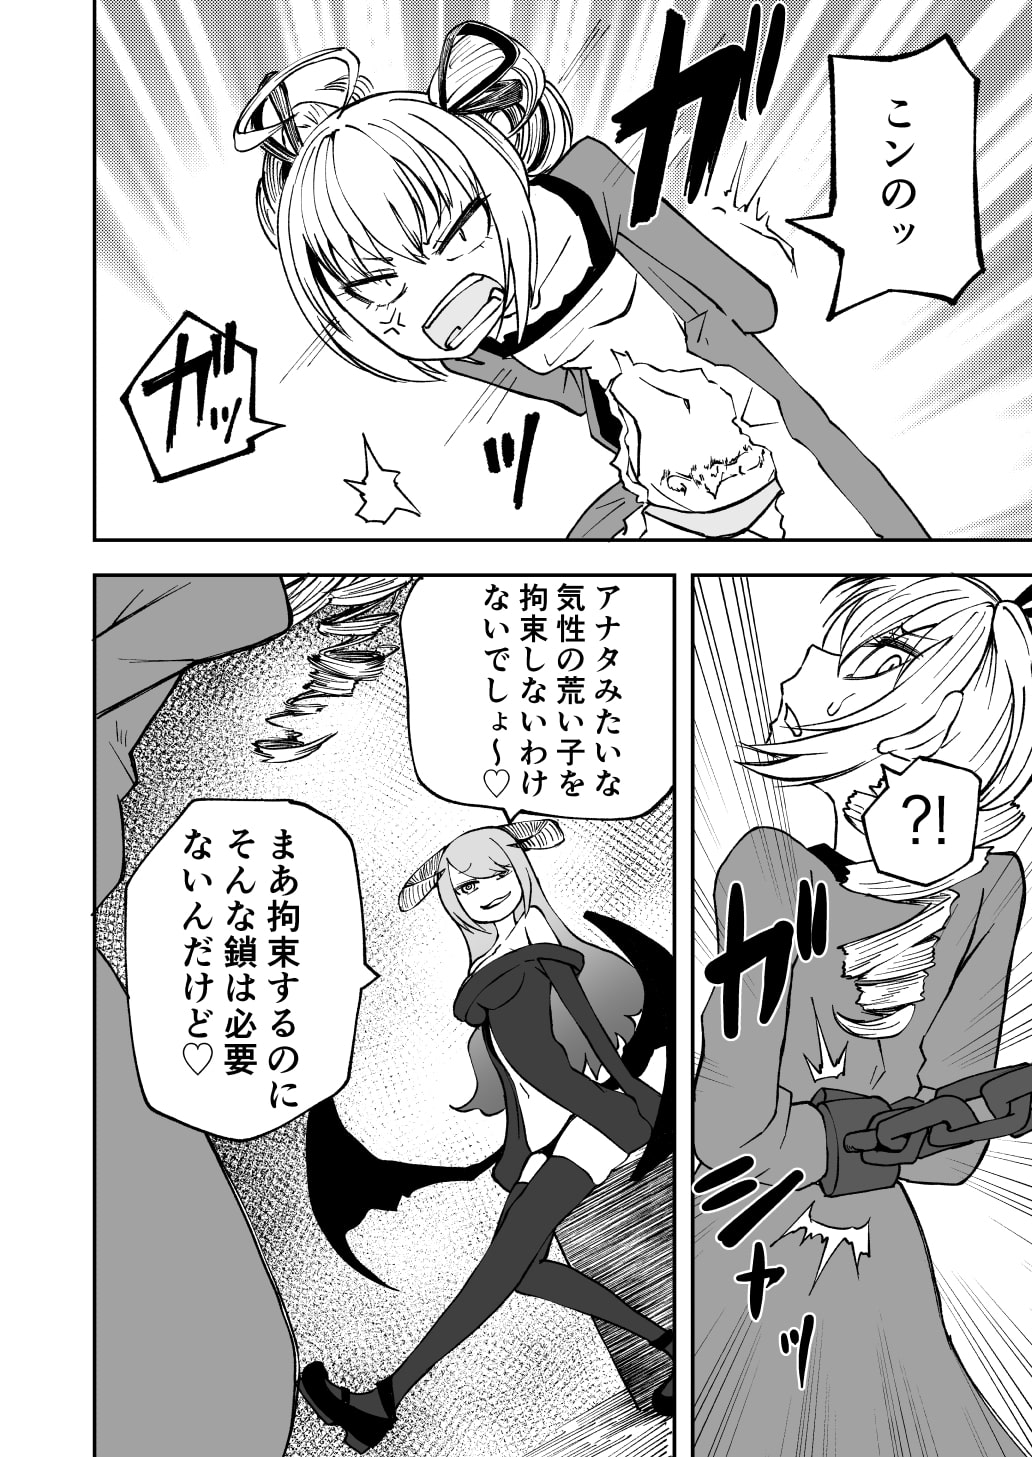 サキュバスの呪紋のサンプル画像5